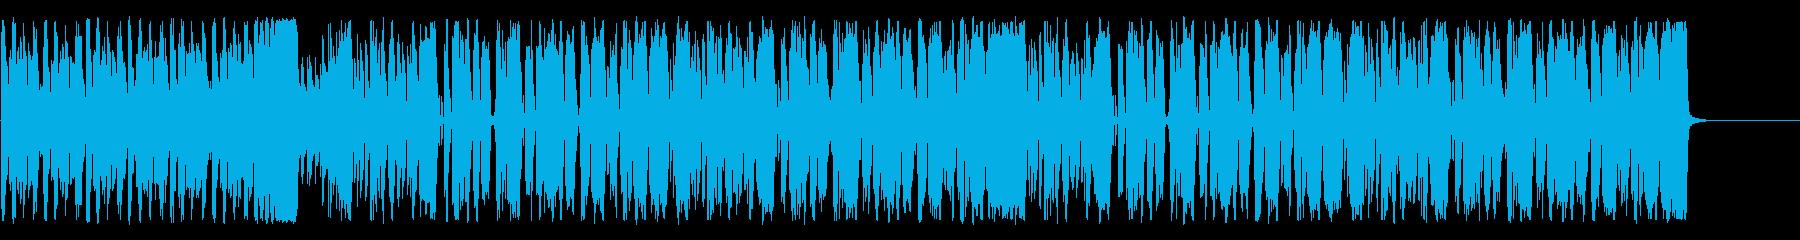 企業VP・Future Bass  cの再生済みの波形